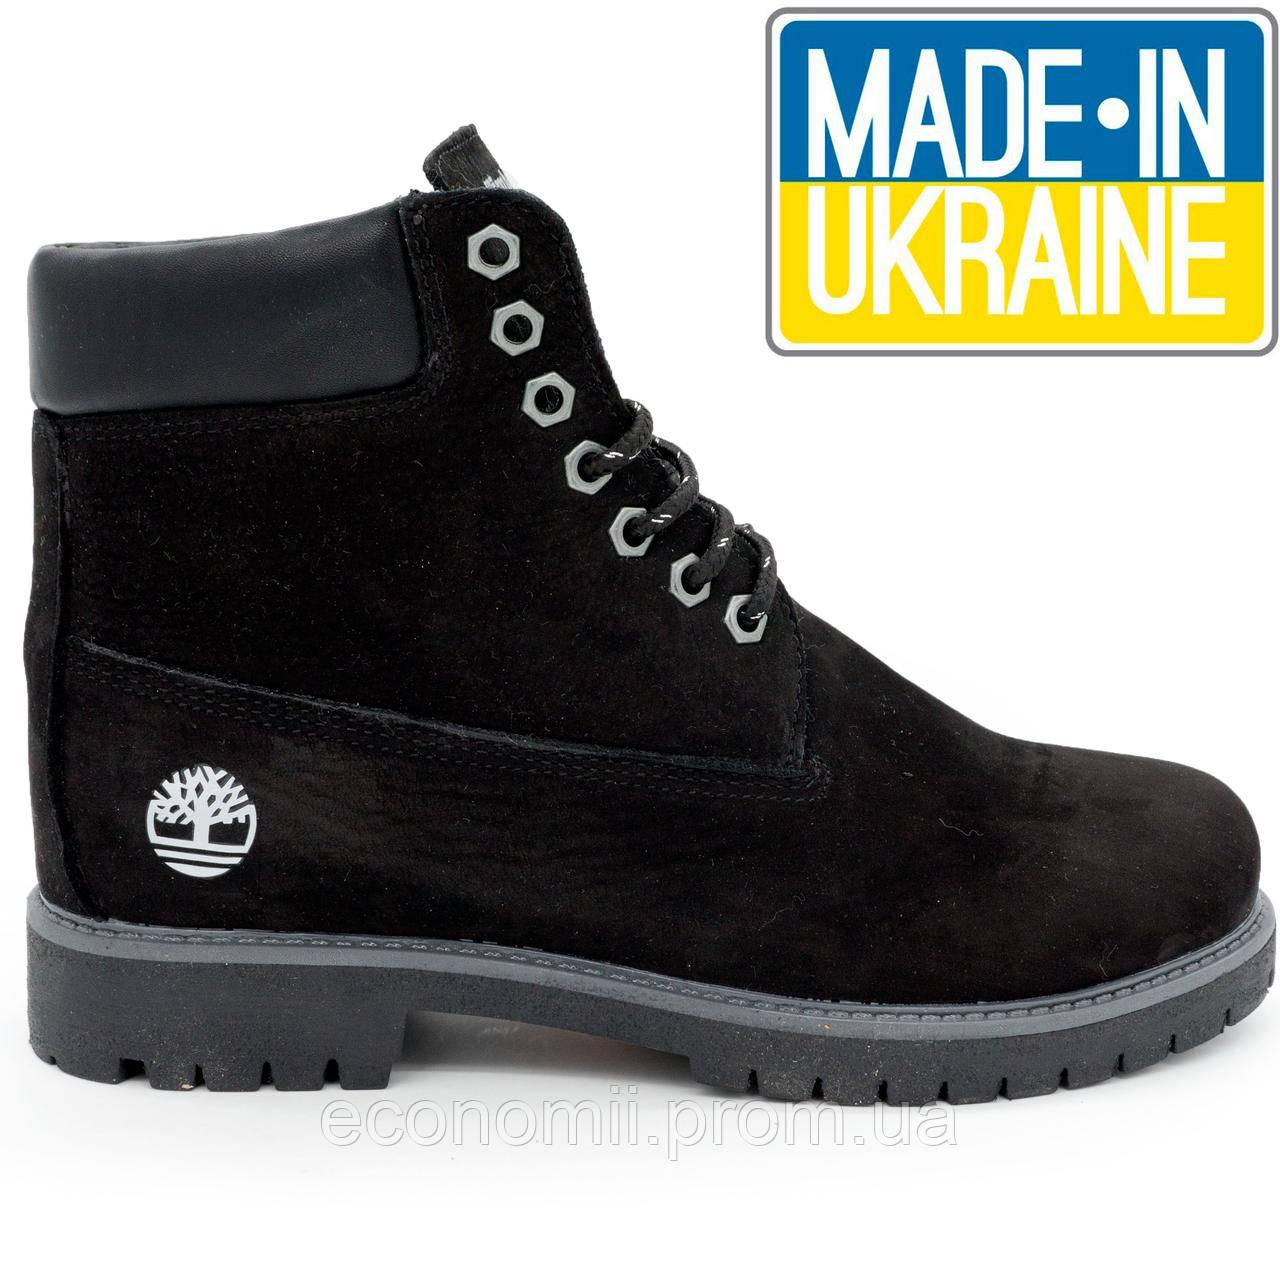 Зимние черные ботинки Timberland clasic (Тимберленд) с мехом. р.(37, 38, 39, 40, 41)